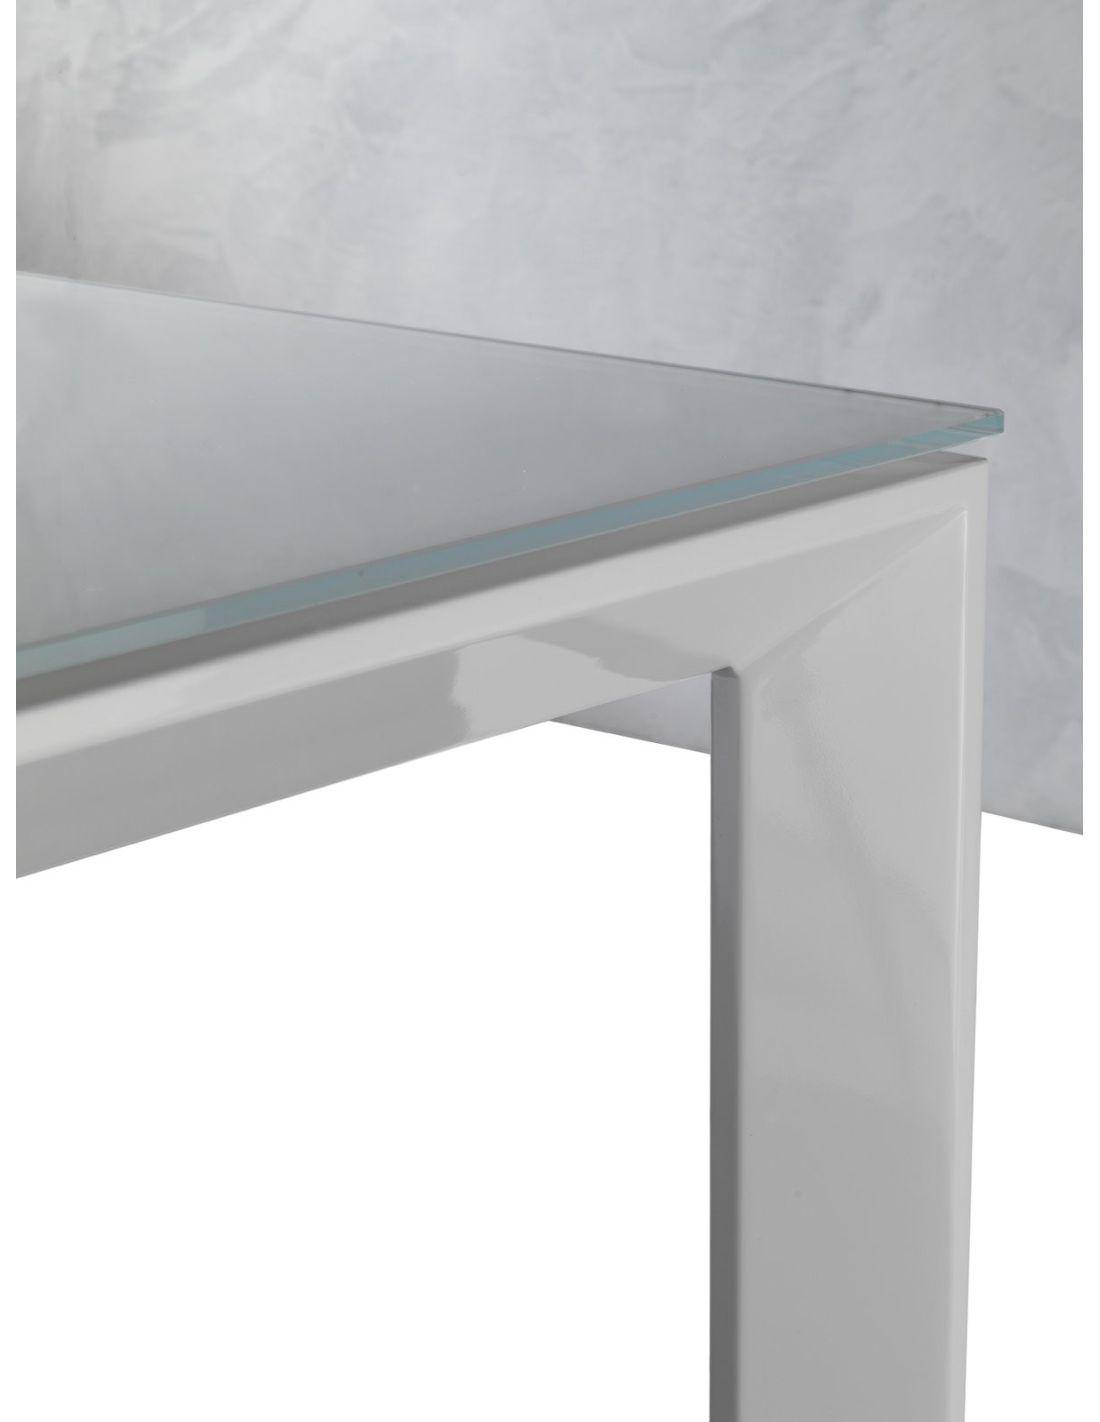 Tavolo in vetro allungabile Harvey per cucina o soggiorno